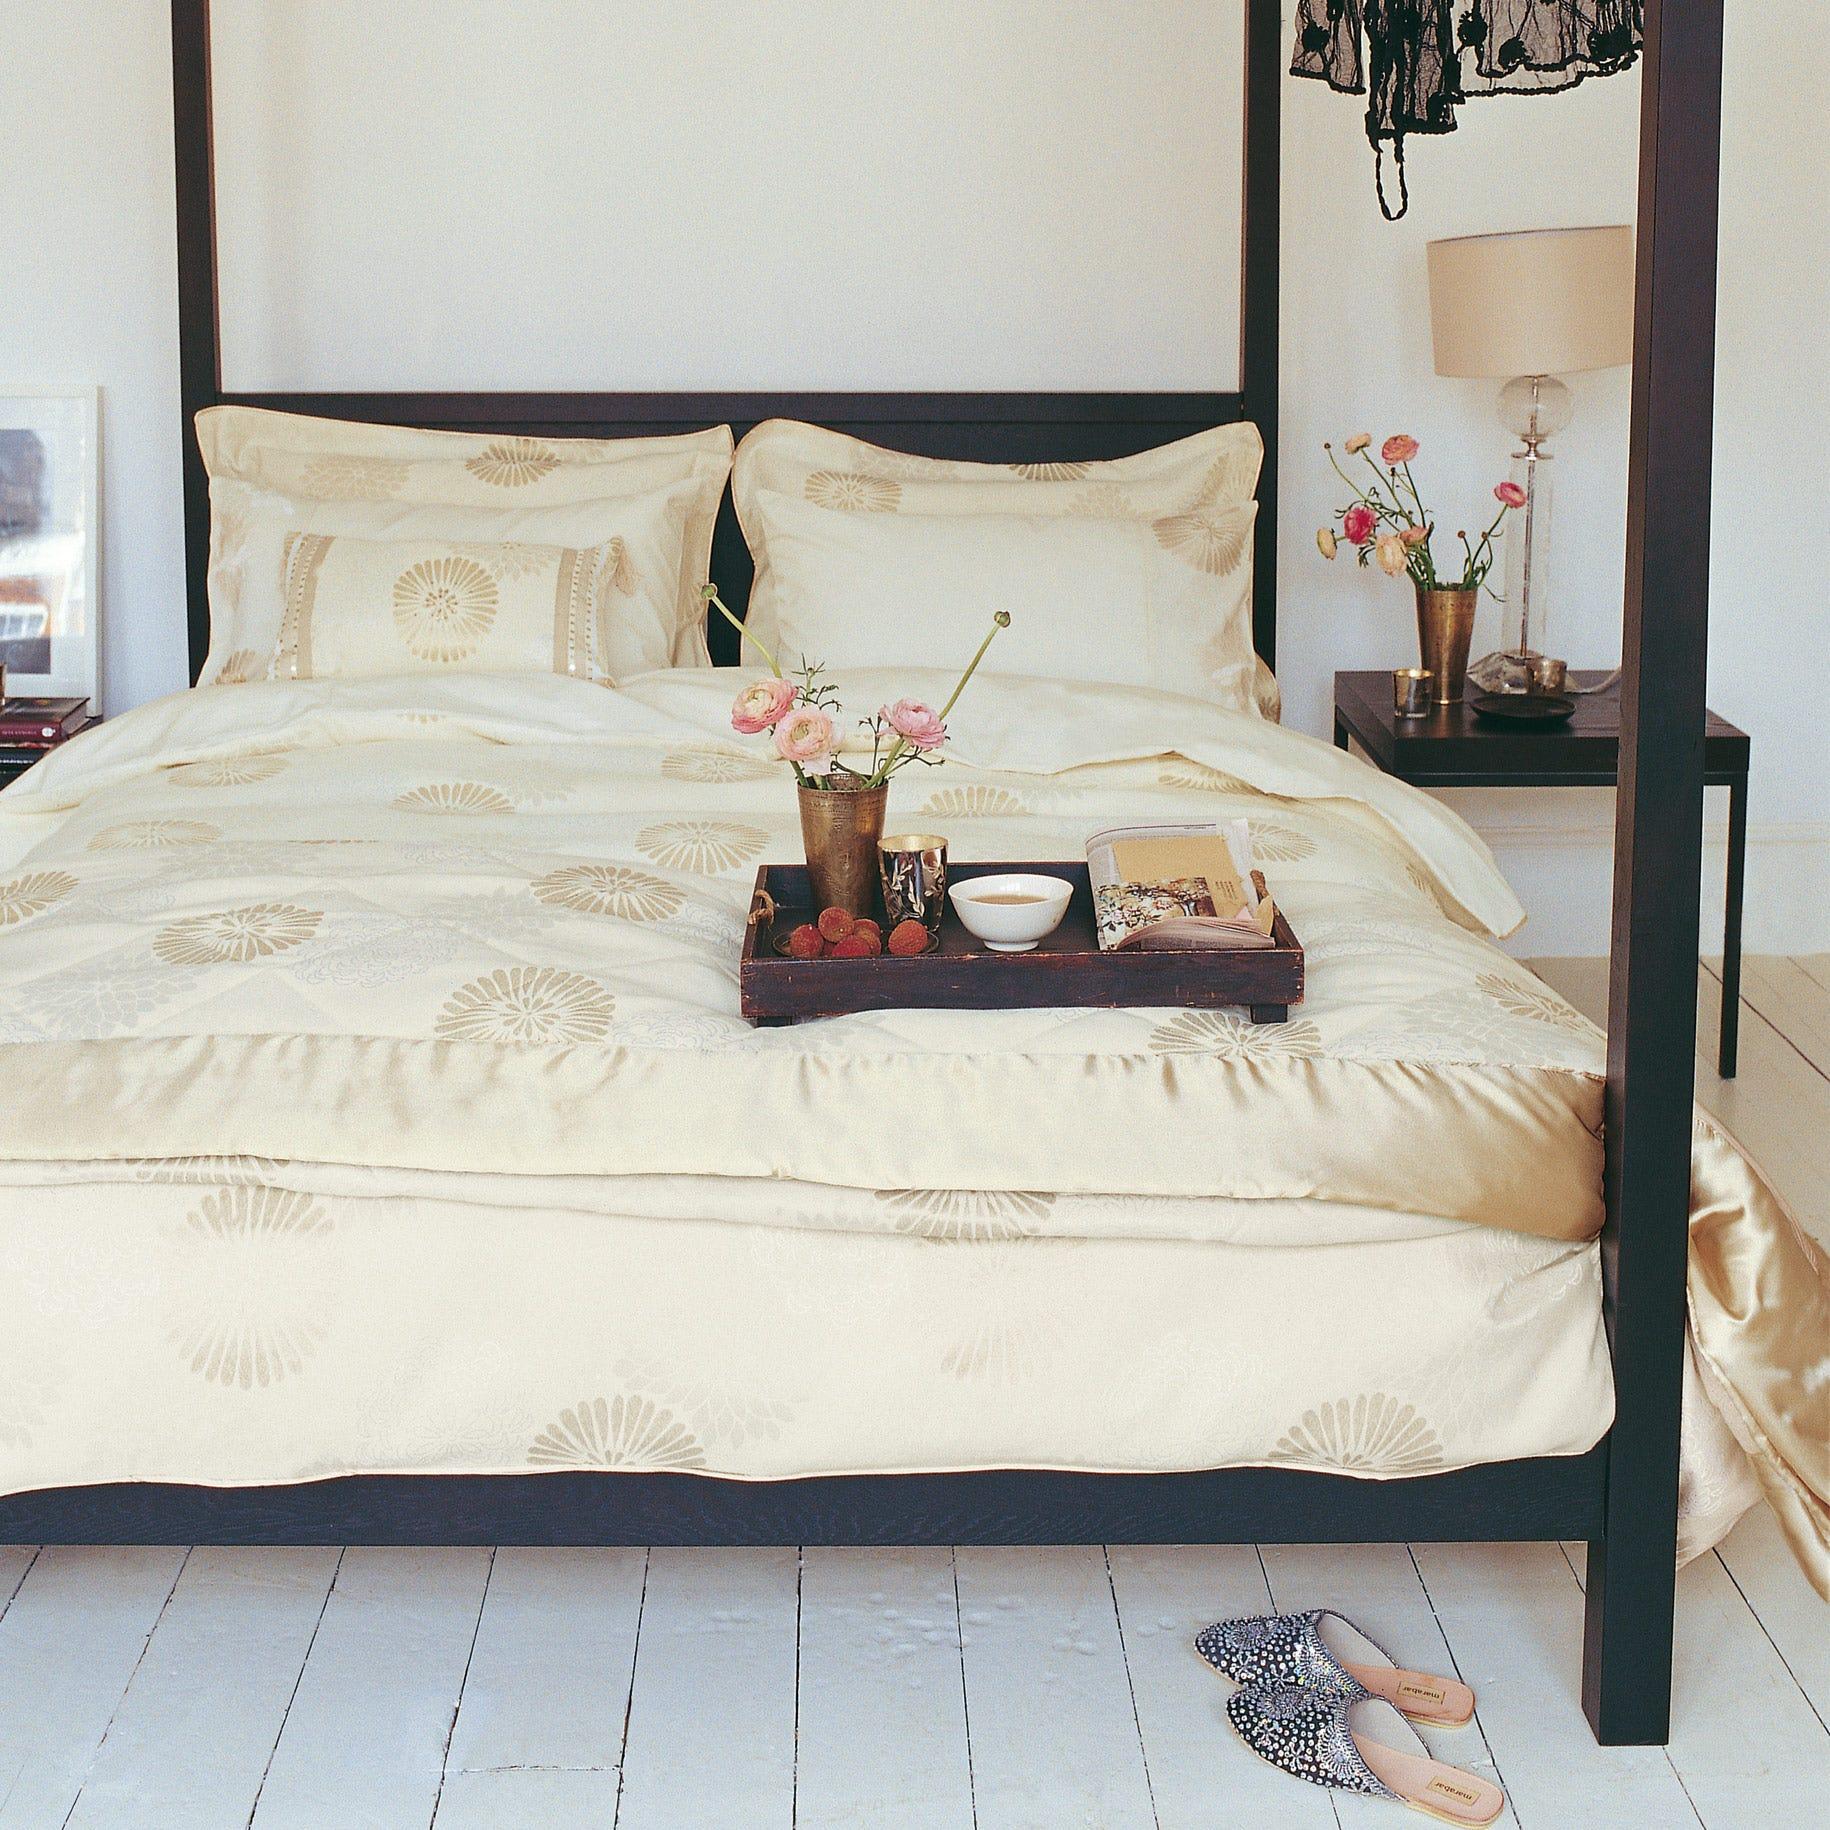 Bedeck Bedding Zen Quilted Bedspread Kingsize Cream